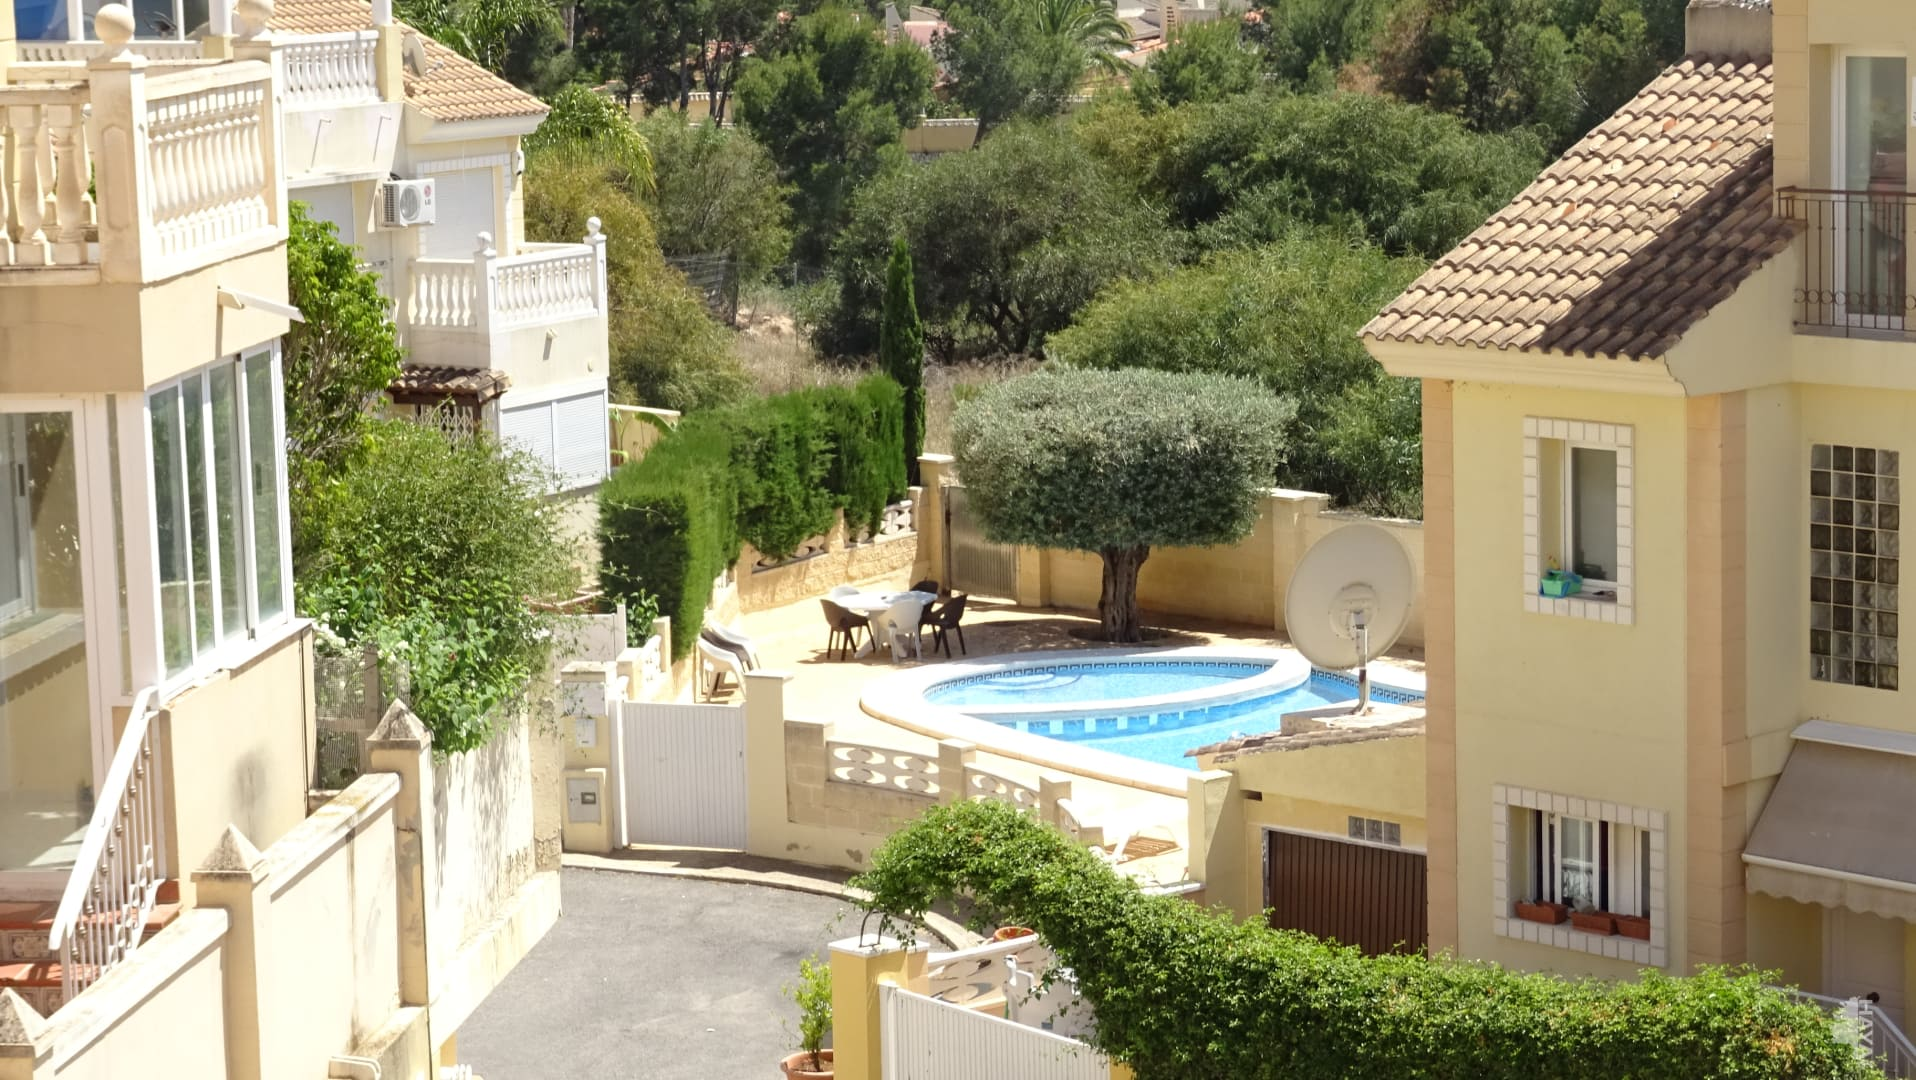 Casa en venta en La Nucia, Alicante, Calle Baladre, 166.321 €, 3 habitaciones, 2 baños, 147 m2